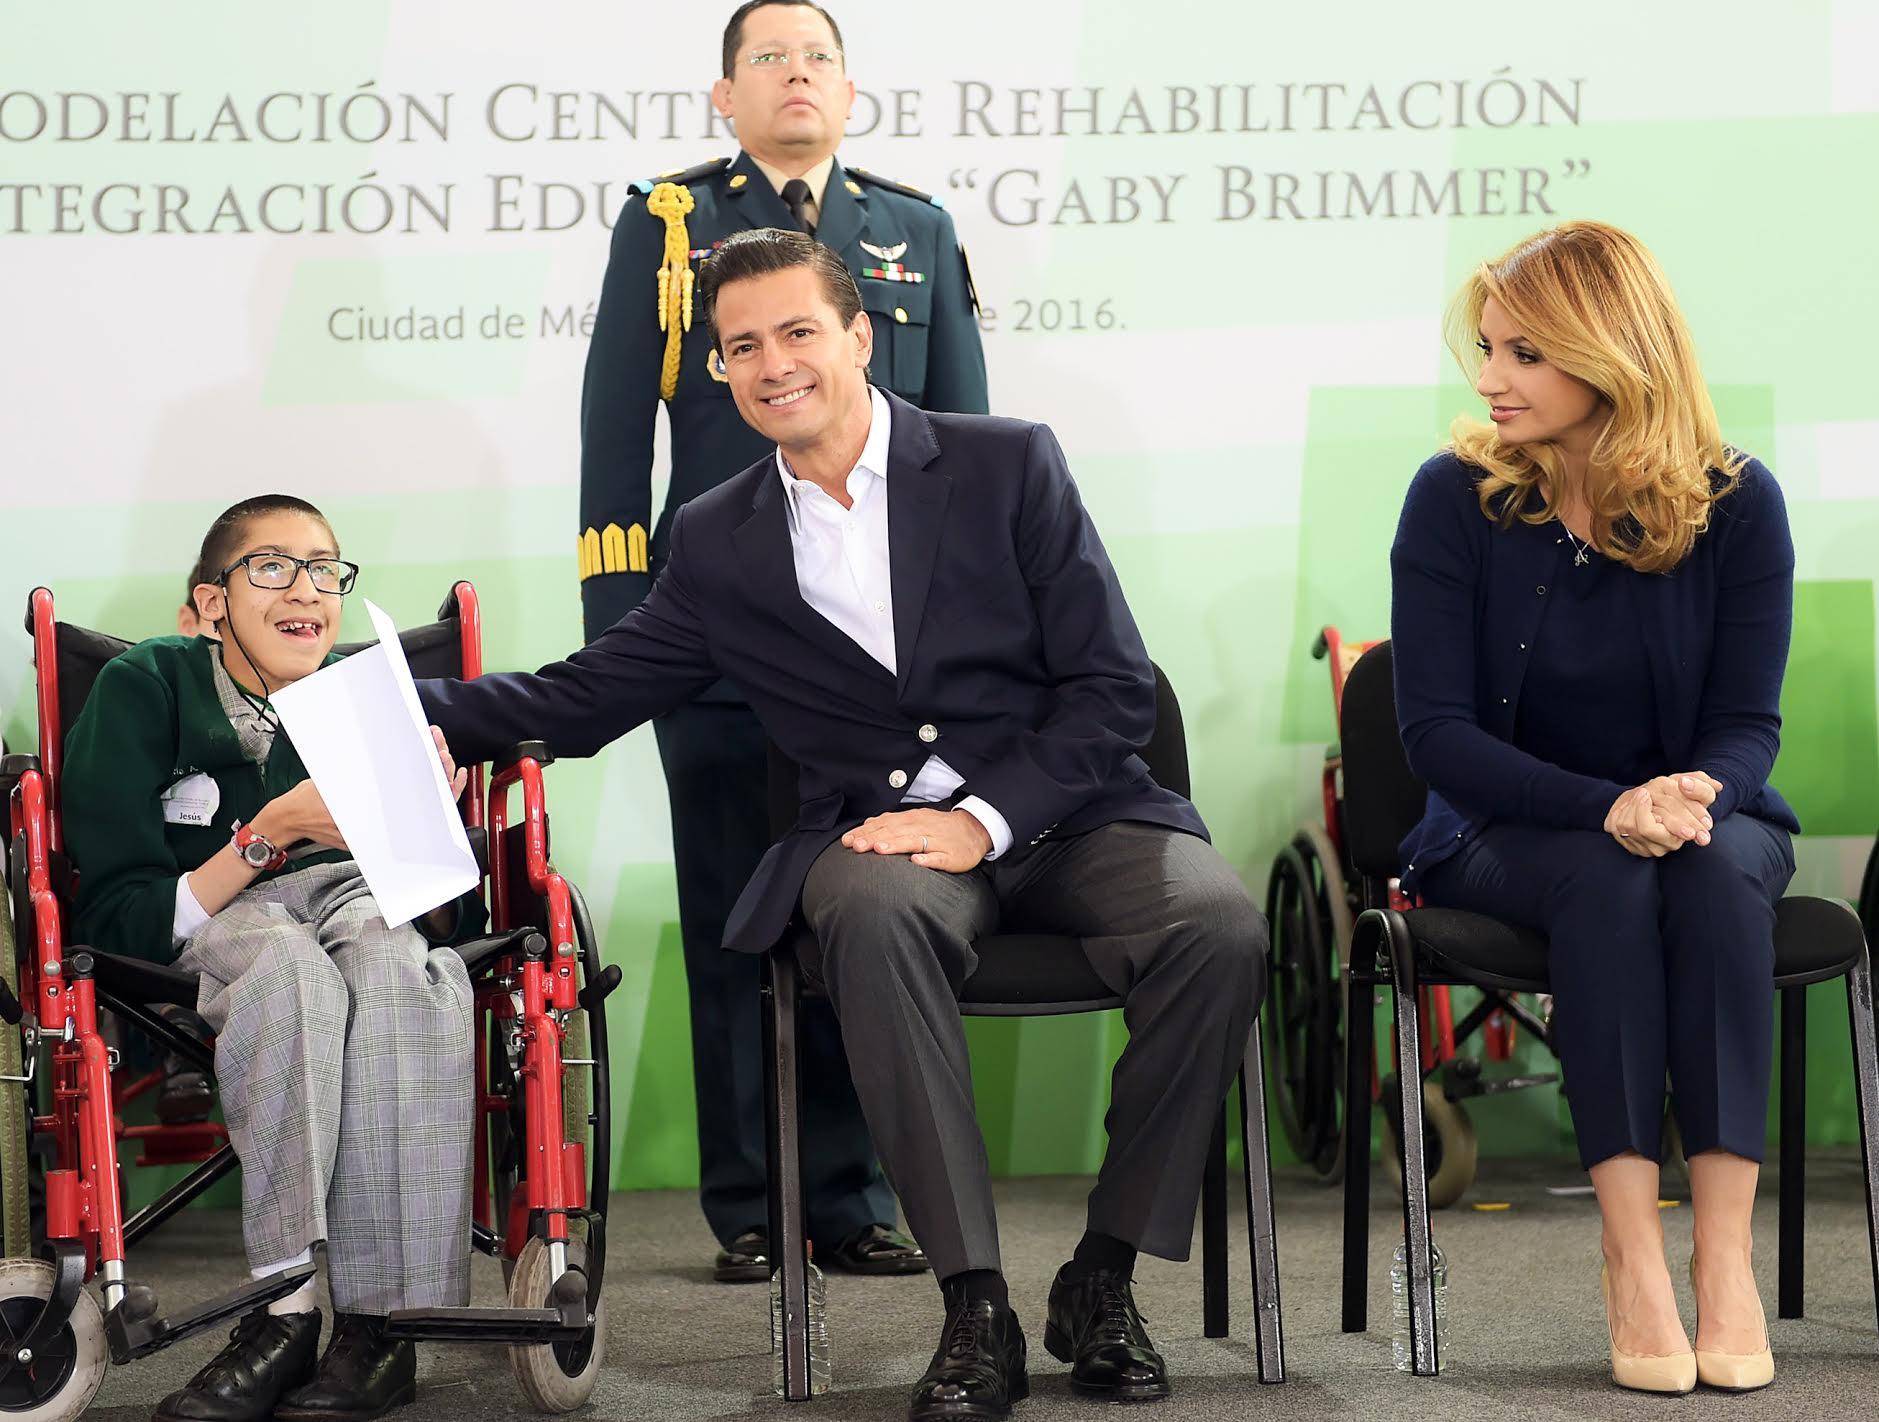 """El Primer Mandatario abraza a un niño estudiante del Centro de Rehabilitación e Integración Educativa """"Gaby Brimmer"""", al lado su esposa Angélica Rivera de Peña."""